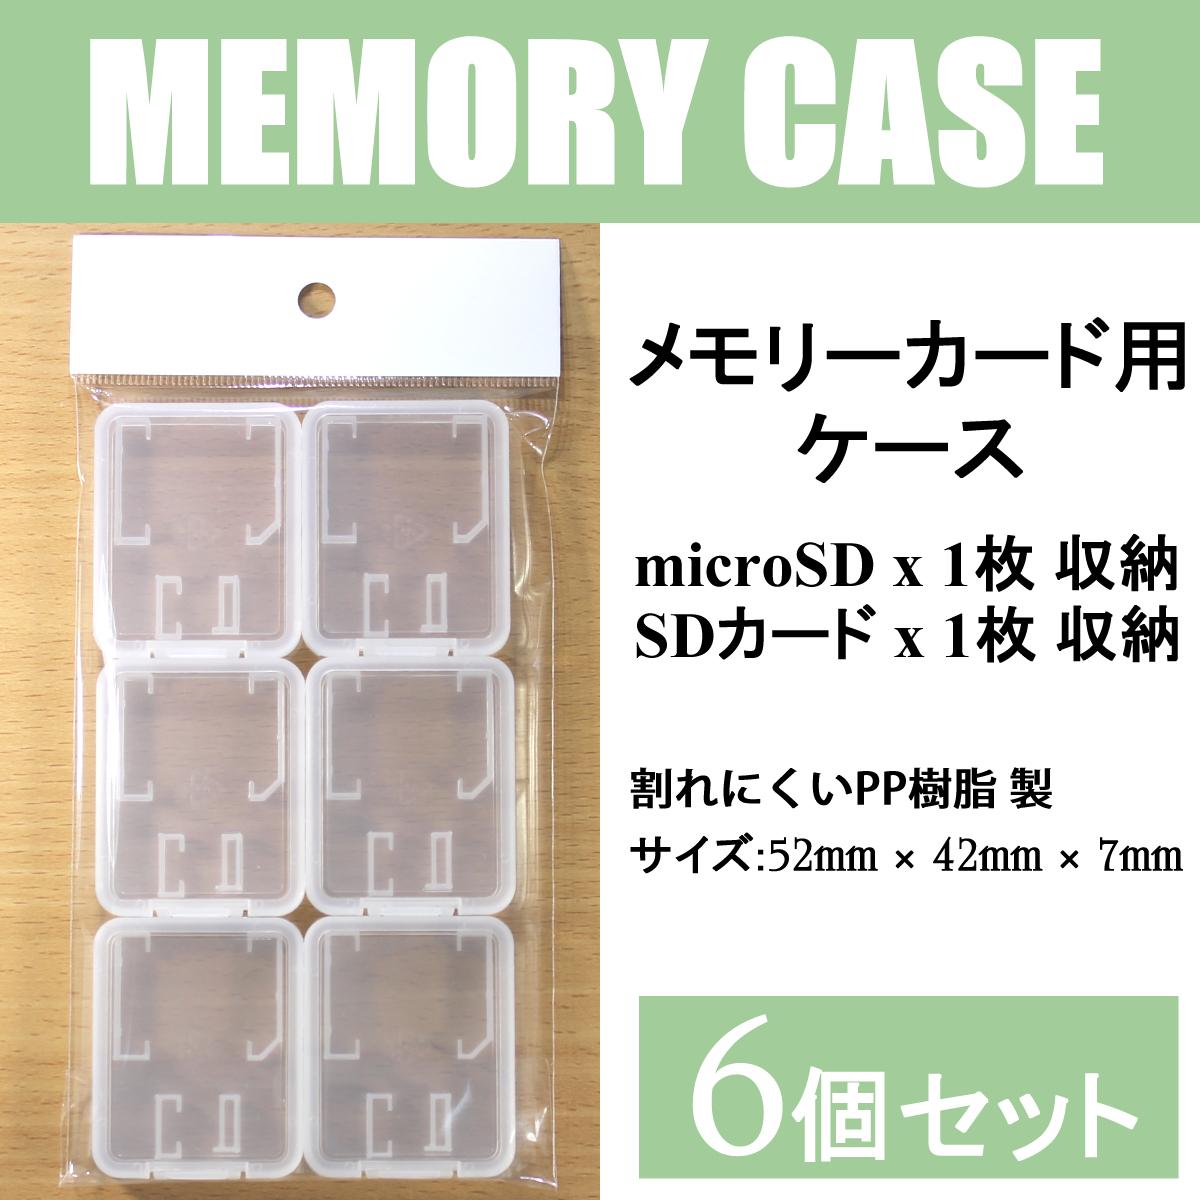 【送料無料】 microSD / SDカード 1枚収納用ケース 6個セット_画像1